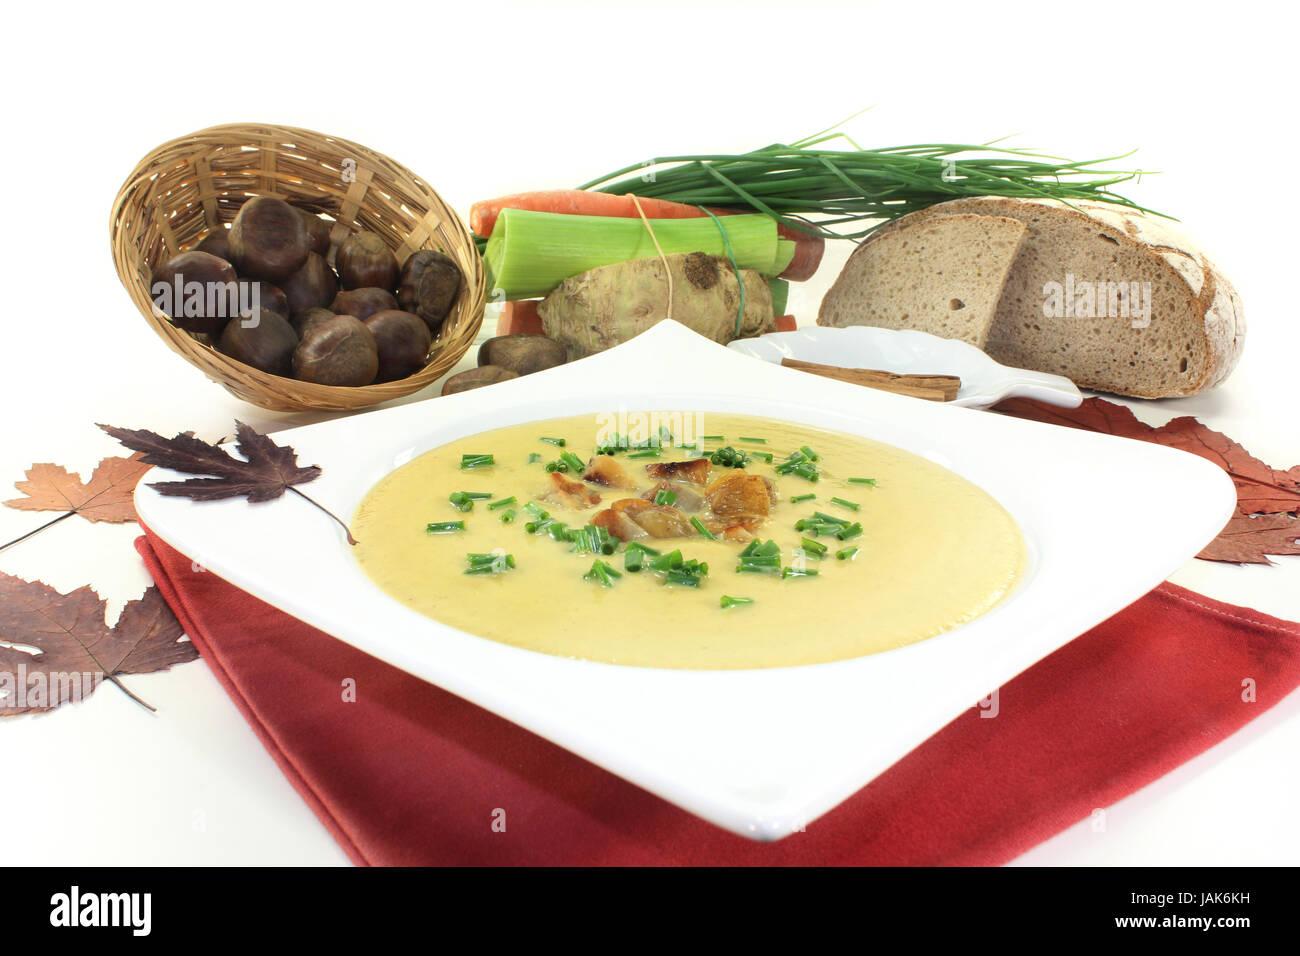 ein Teller Maronensuppe mit gerösteten Maronen und Schnittlauch - Stock Image